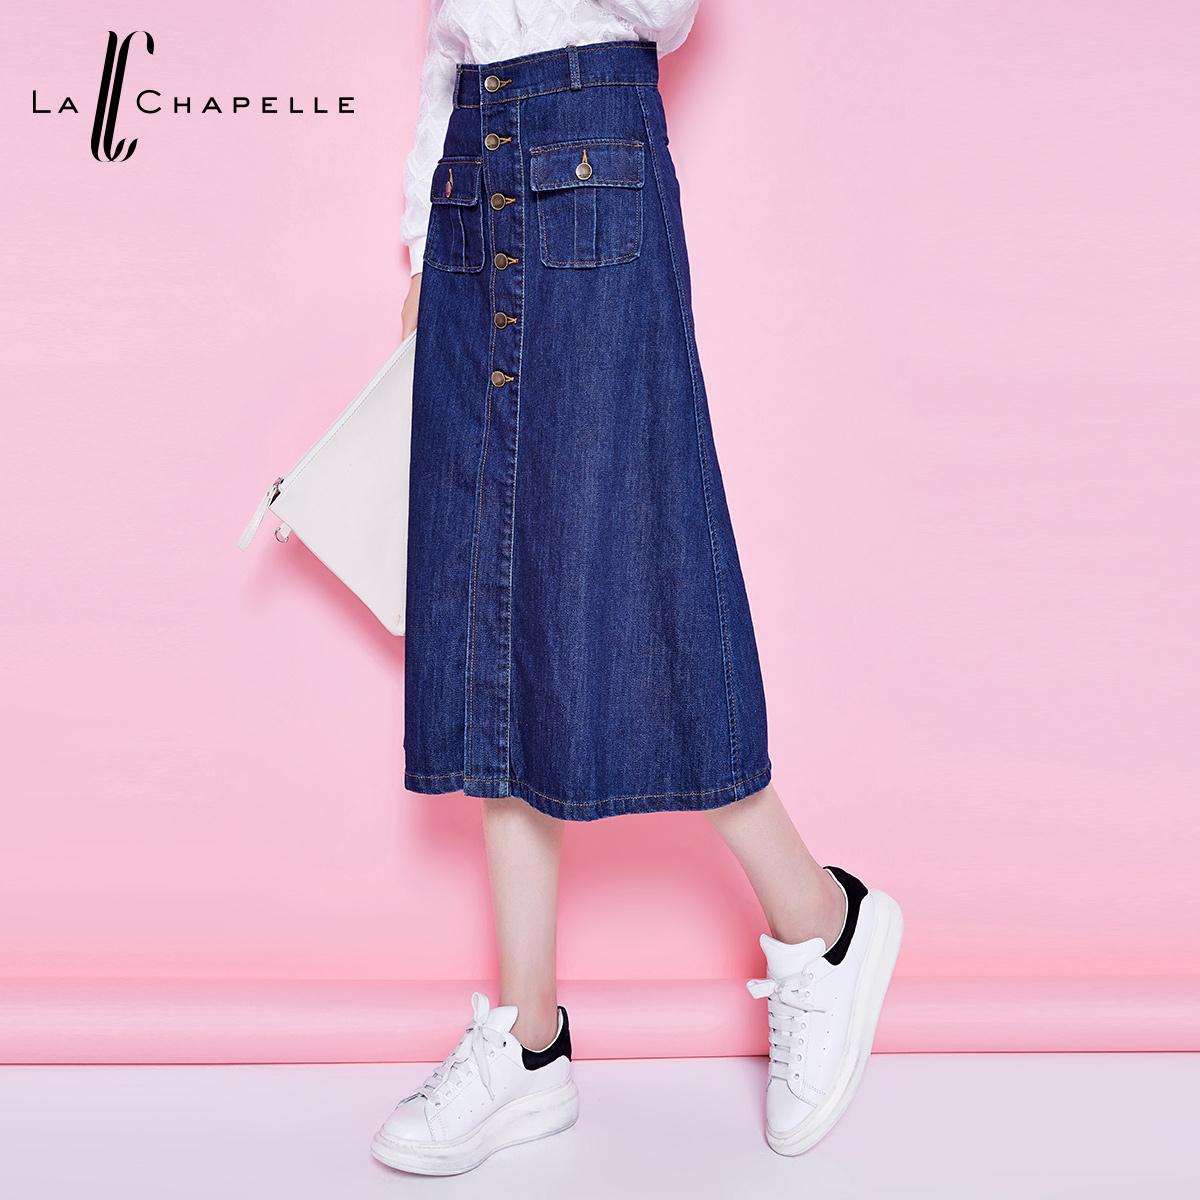 备受MM们青睐的La Chapelle拉夏贝尔牛仔裙